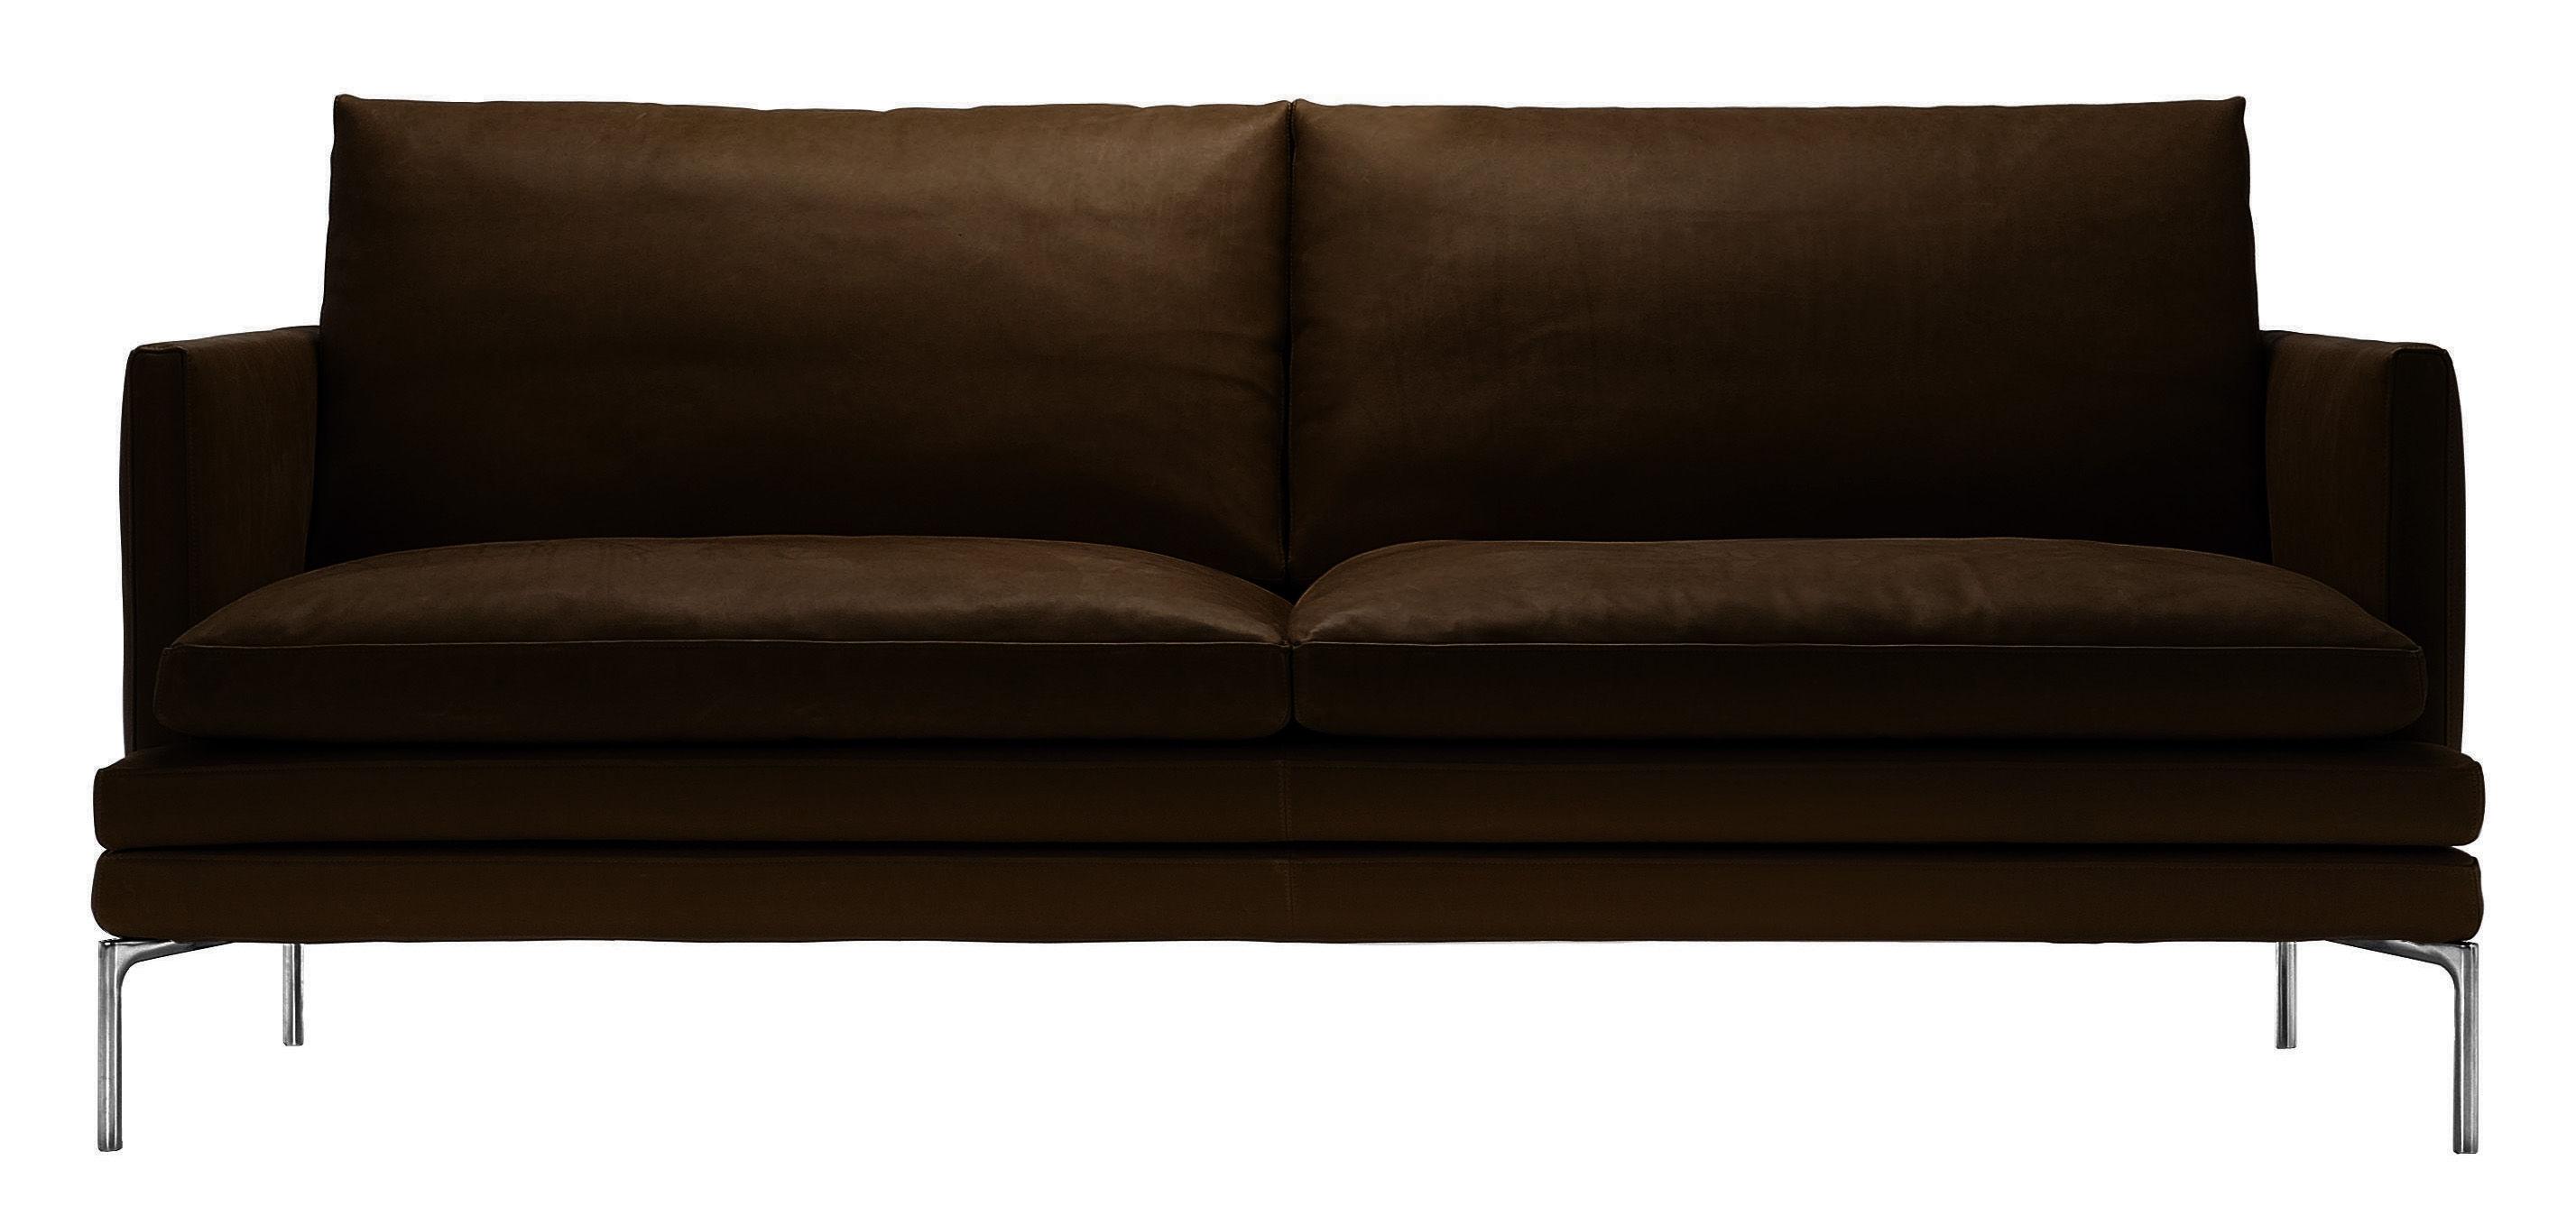 Arredamento - Divani moderni - Divano destro William - versione in cuoio - 2 posti - L 180 cm di Zanotta - Cuoio - Marrone scuro - Alluminio lucido, Pelle